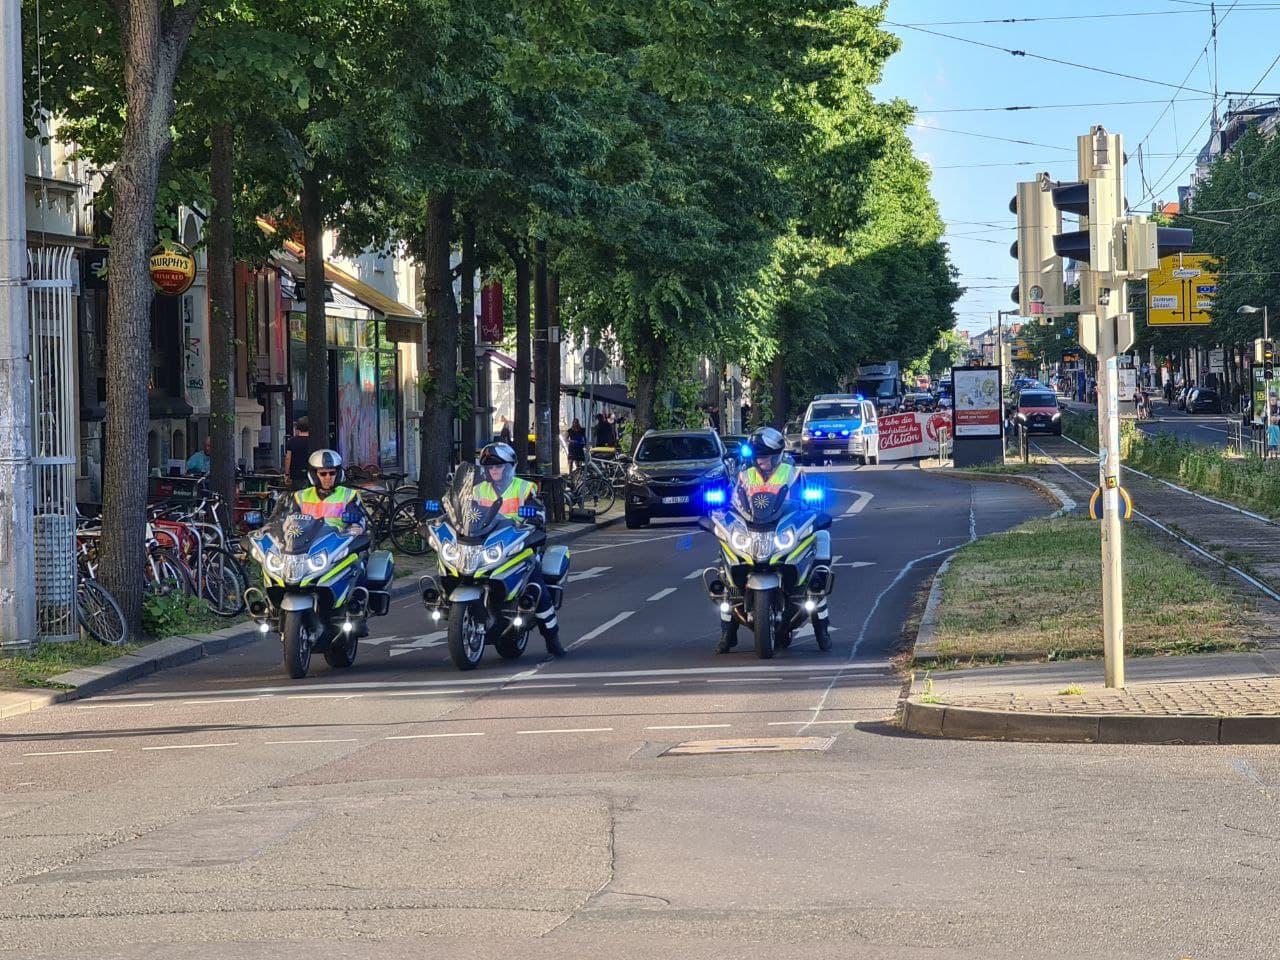 Auch am 14. Juni 2021 war die Polizei mit einem starken Aufgebot auf der Straße. Foto: LZ